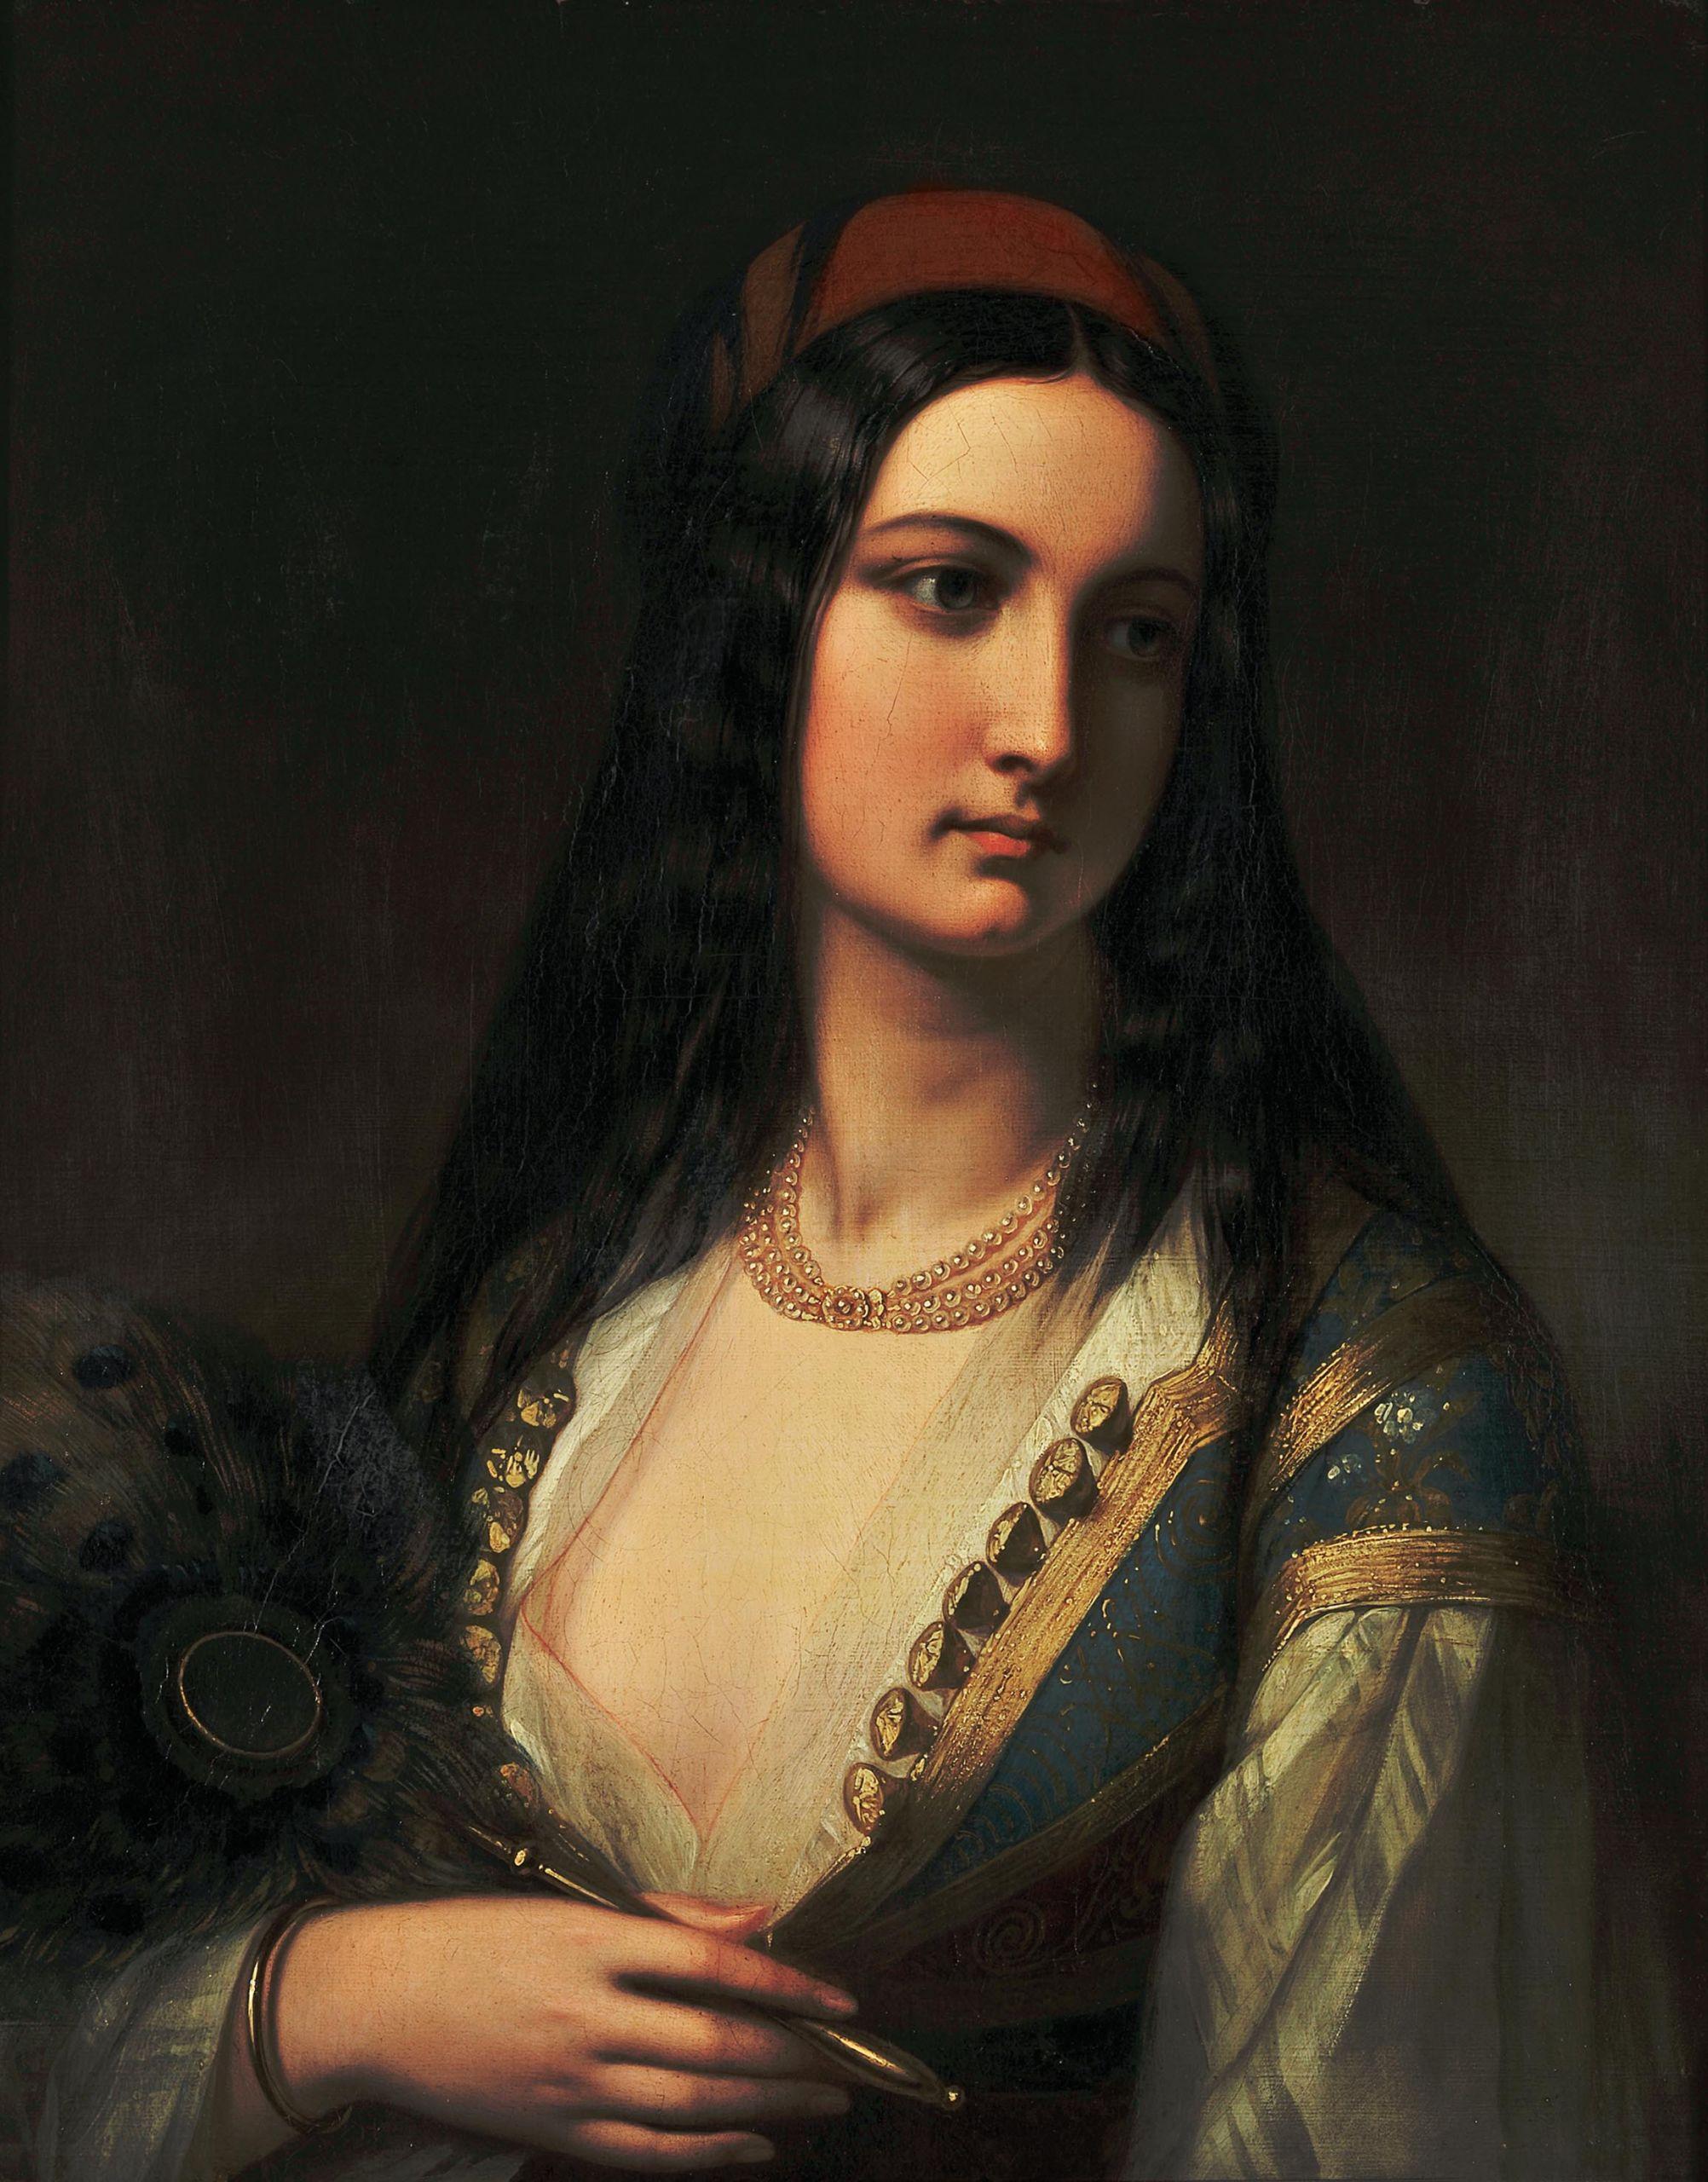 Νεαρή Ελληνίδα με Βεντάλια, Αγνώστου, Γαλλικής σχολής, μέσα 19ουαιώνα, Λάδι σε μουσαμά, 66 X 52 εκ., Συλλογή Μιχάλη και Δήμητρας Βαρκαράκη